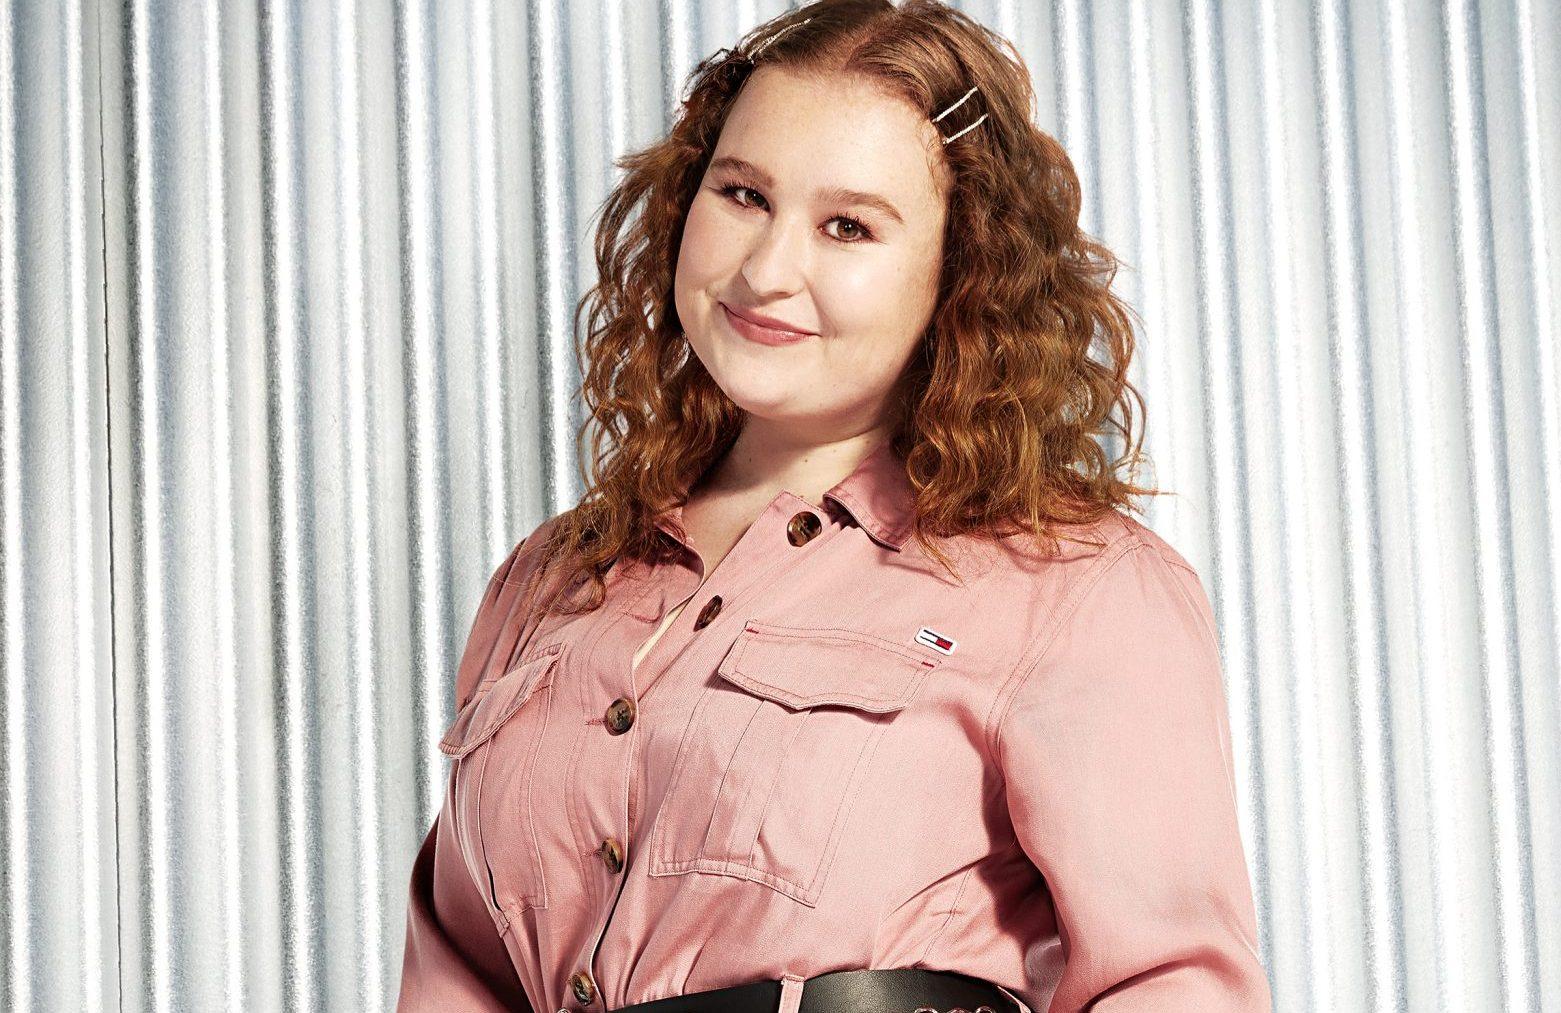 Julia Lester: it is all about inclusivity Julia Lester: it is all about inclusivity Vanity Teen 虚荣青年 Menswear & new faces magazine